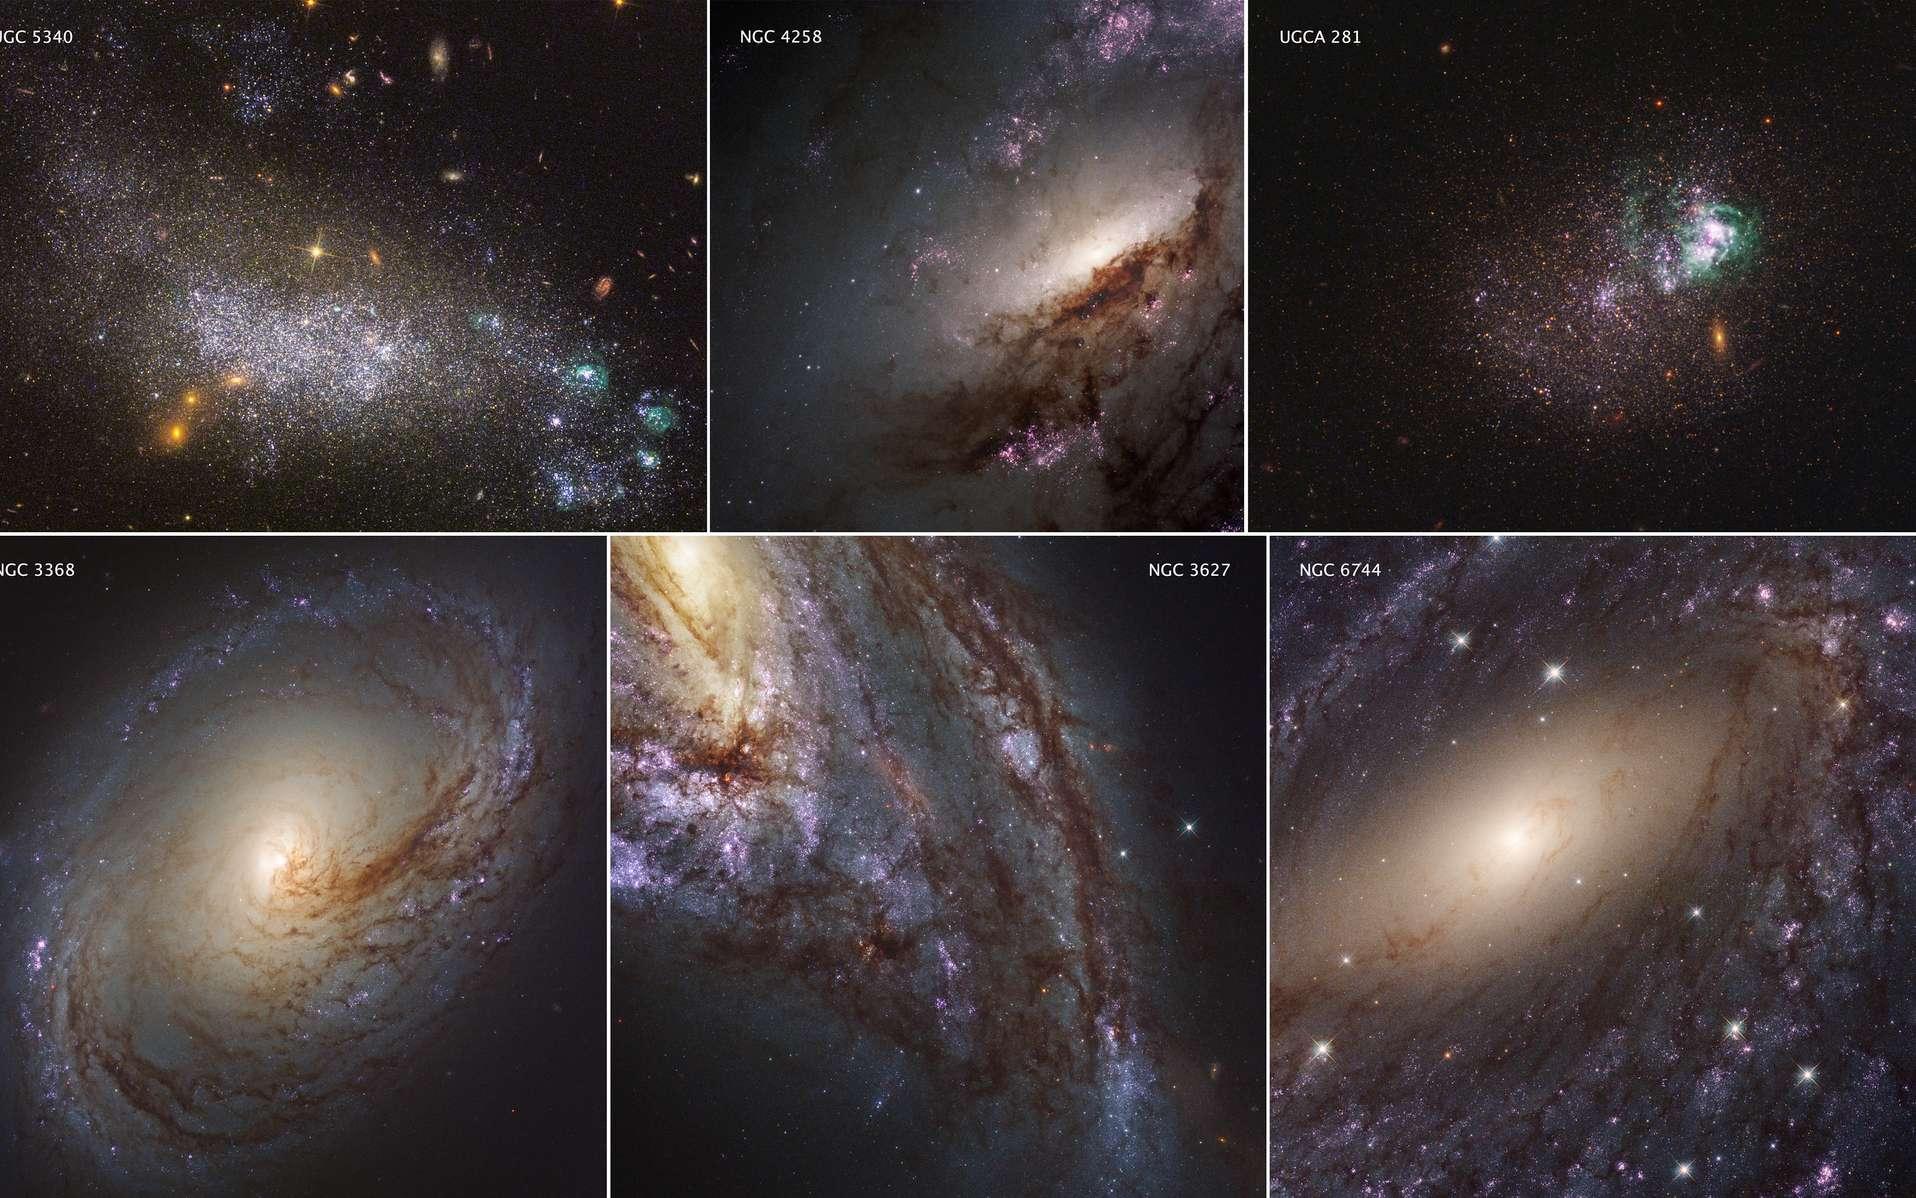 Des chercheurs ont entraîné une intelligence artificielle à classer les galaxies suivant leur stade d'évolution. Cela peut les aider à mieux comprendre l'histoire et la vie des galaxies. ©️ Nasa, ESA, Legus Team